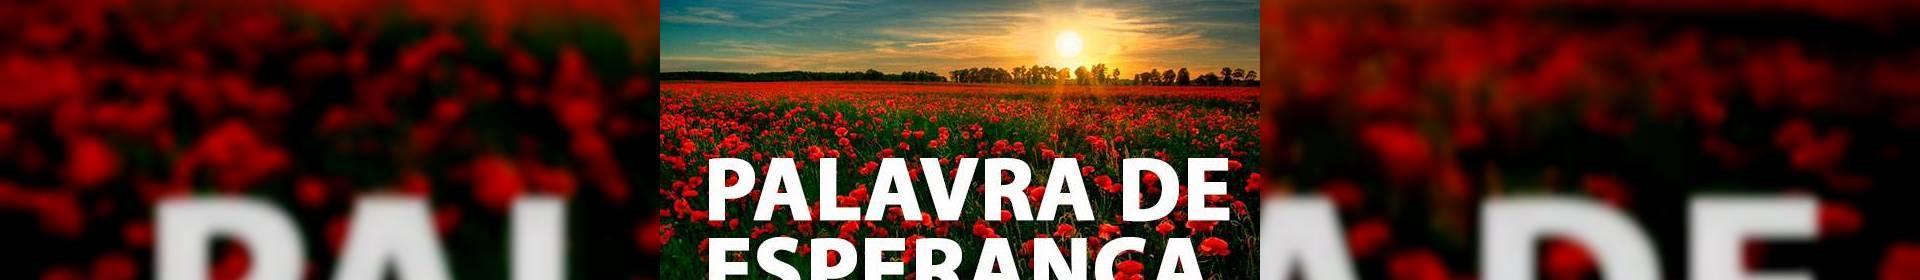 Romanos 8:21 - Uma Palavra de Esperança para sua vida